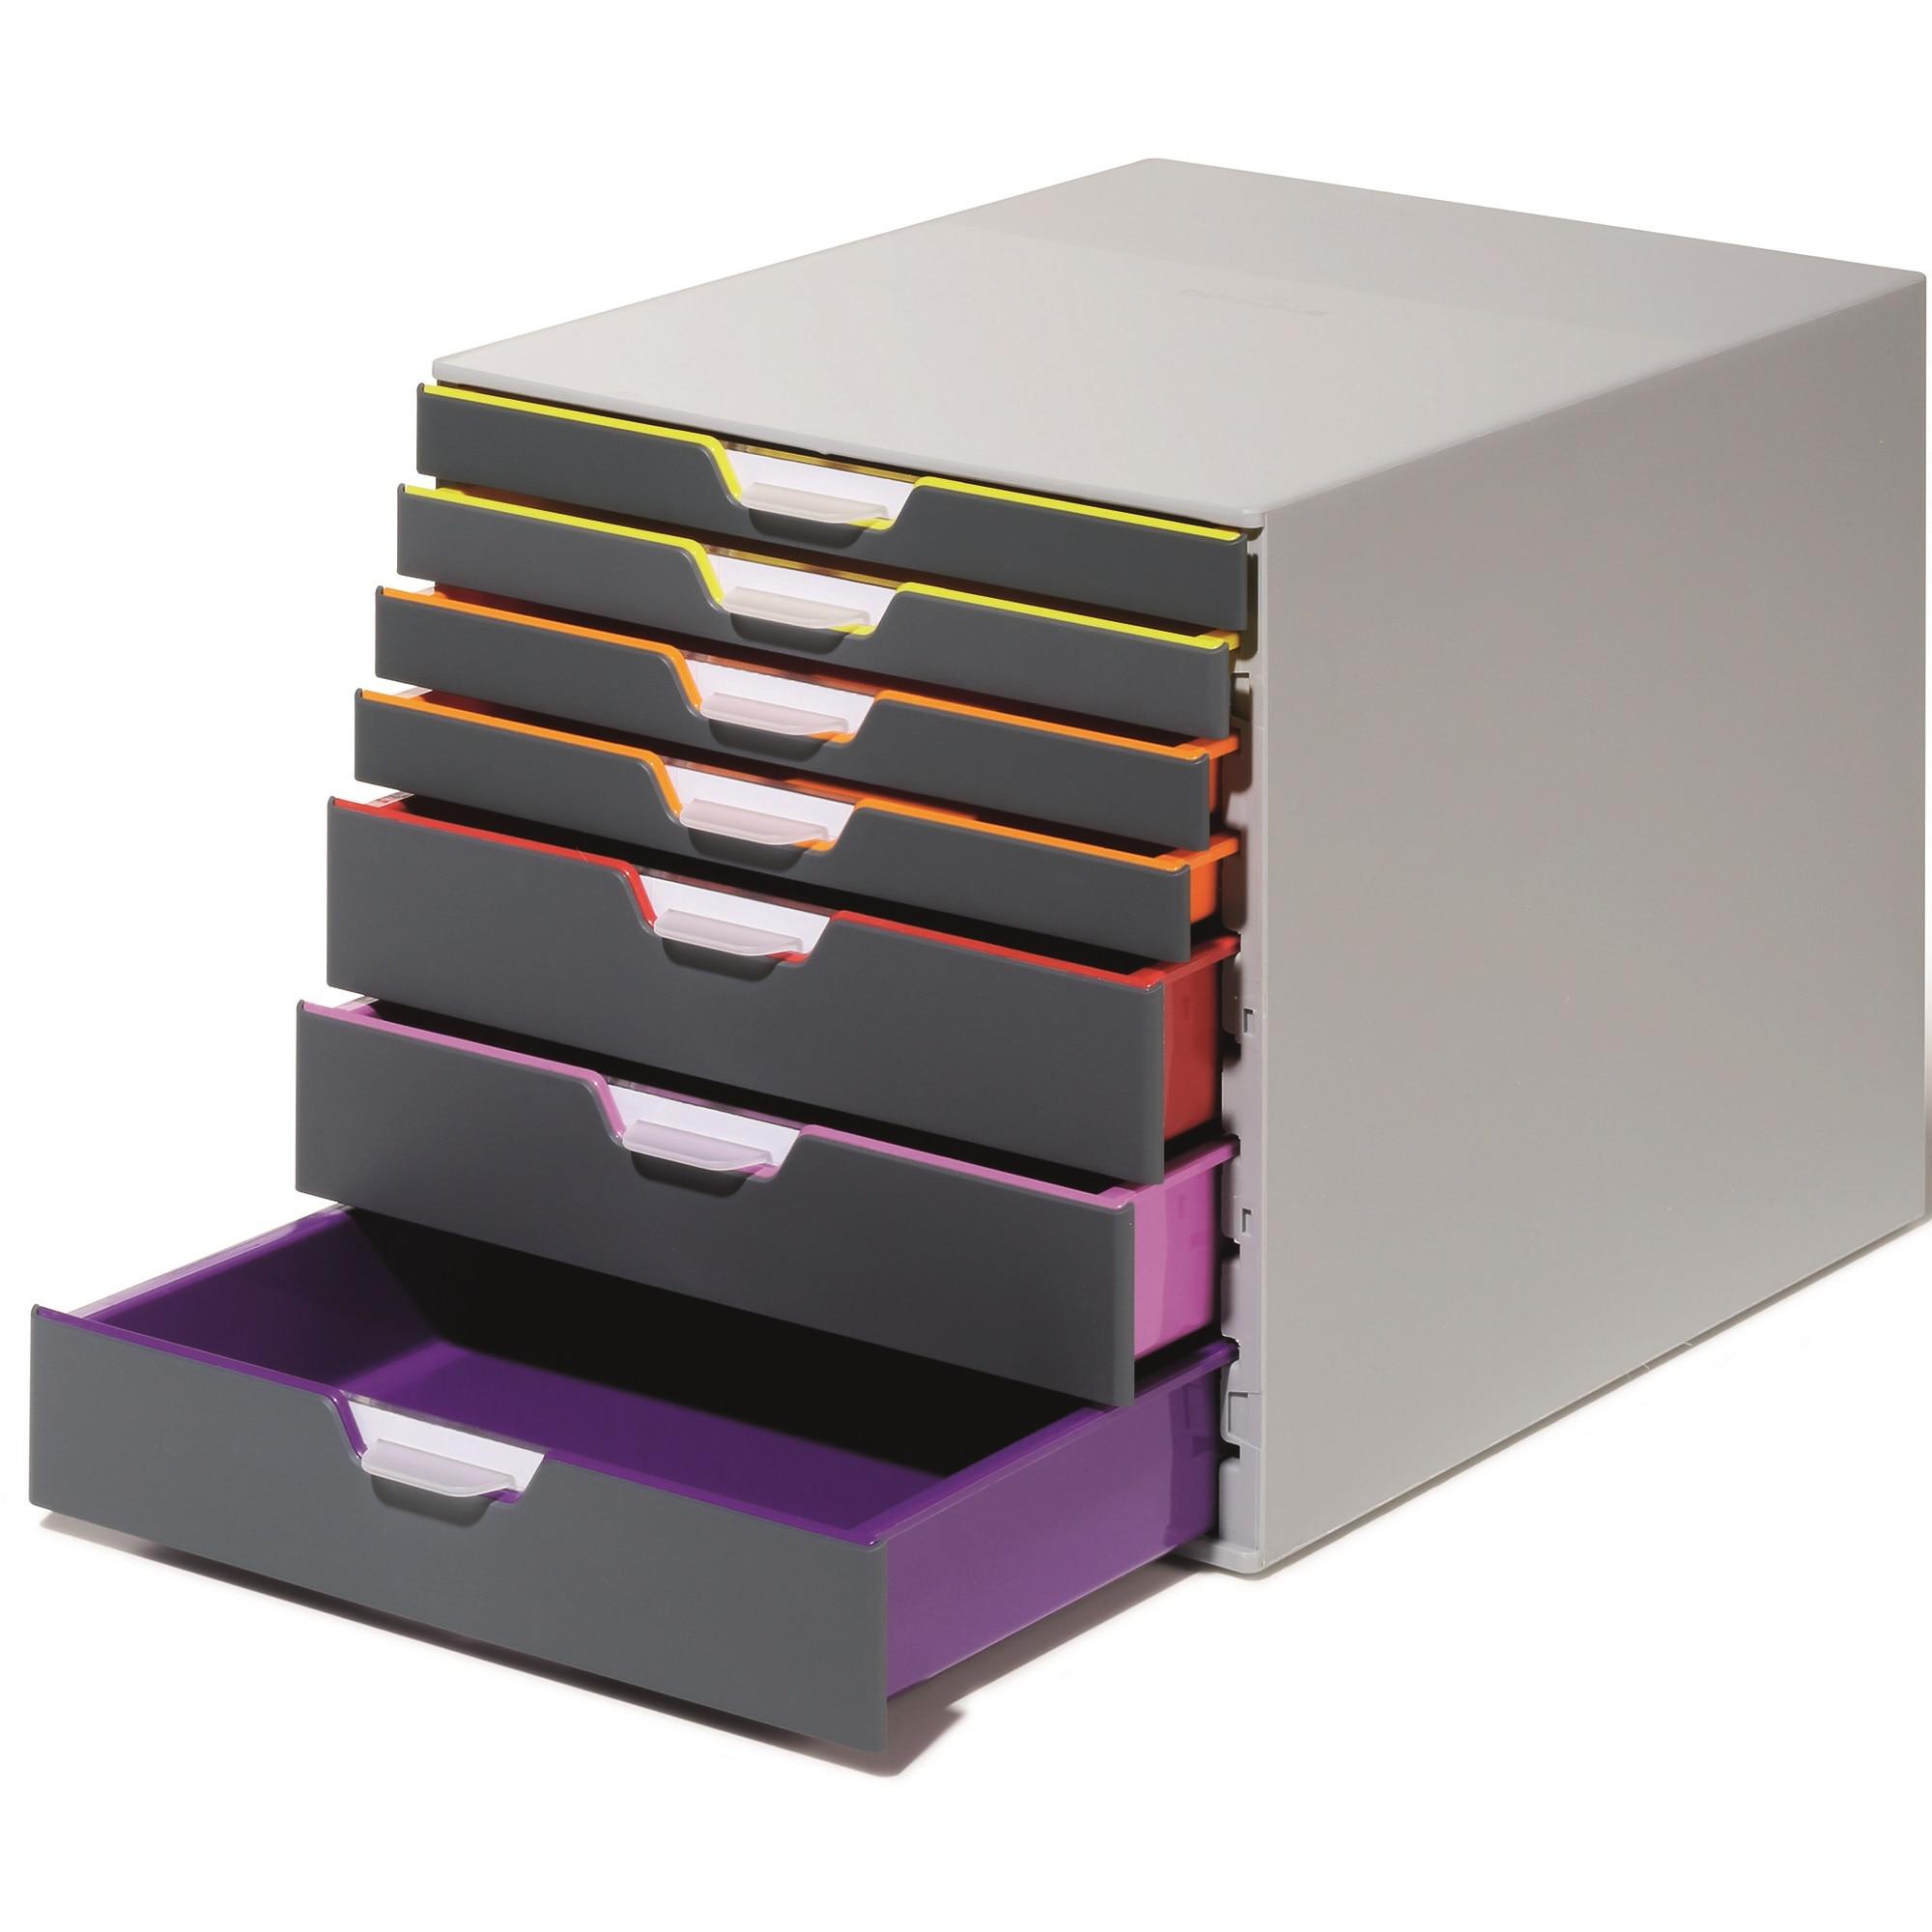 Fotografie Cutie organizare/arhivare cu 7 sertare, Varicolor